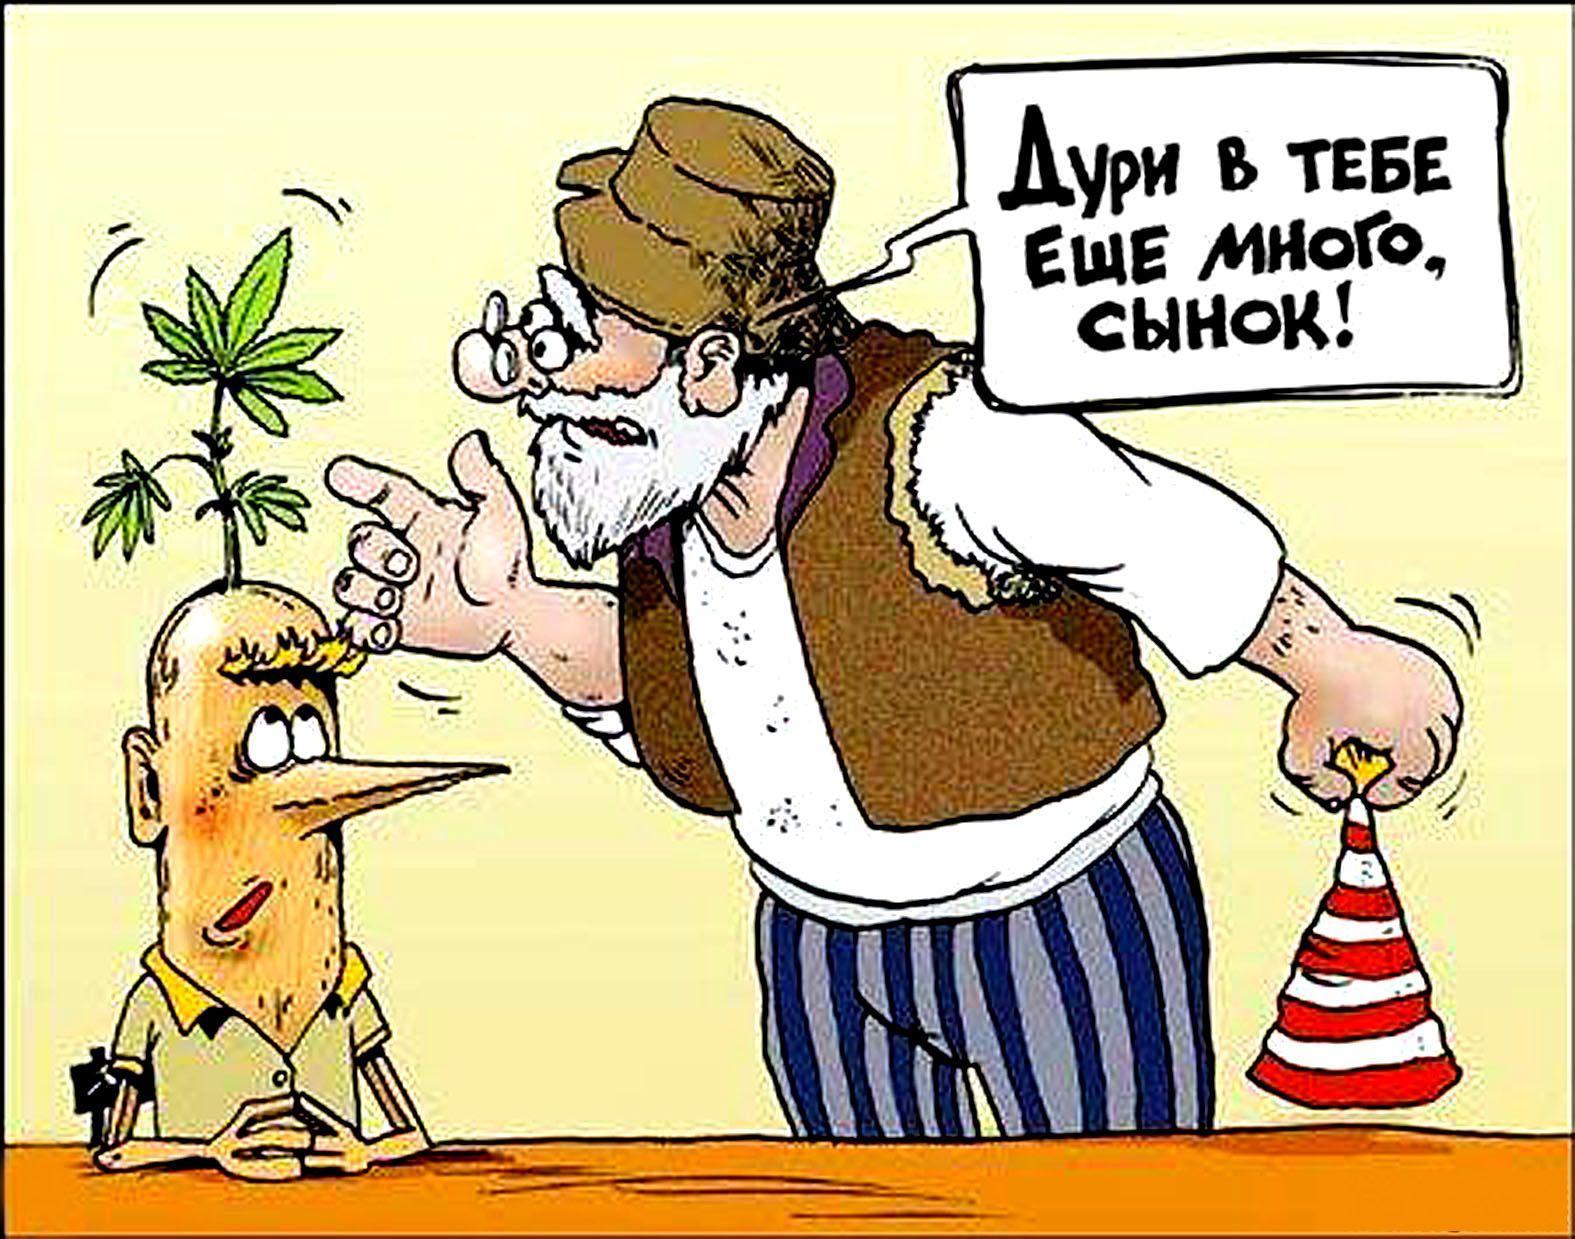 Карикатура на марихуану конопля и ее влияние на организм